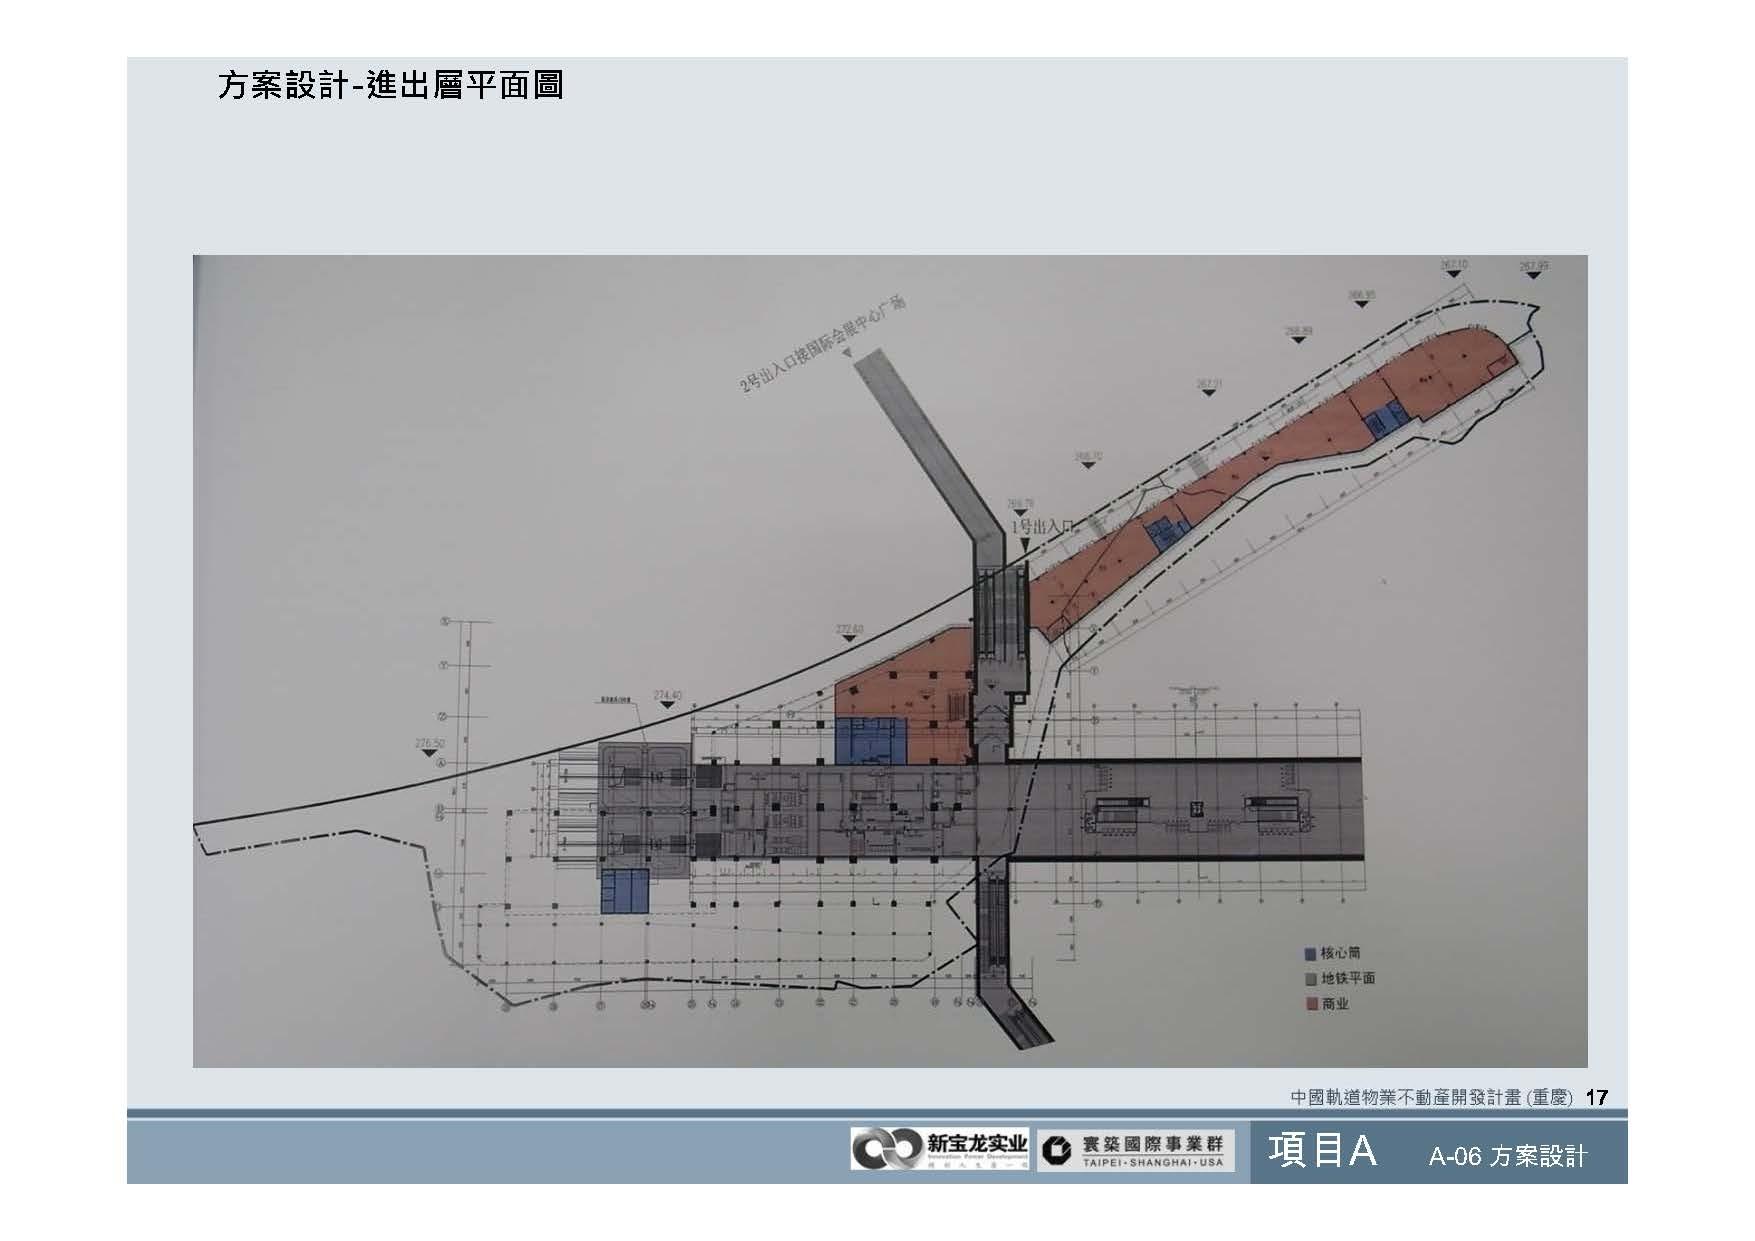 20100812-中國軌道物業不動產開發計畫(重慶)_頁面_18